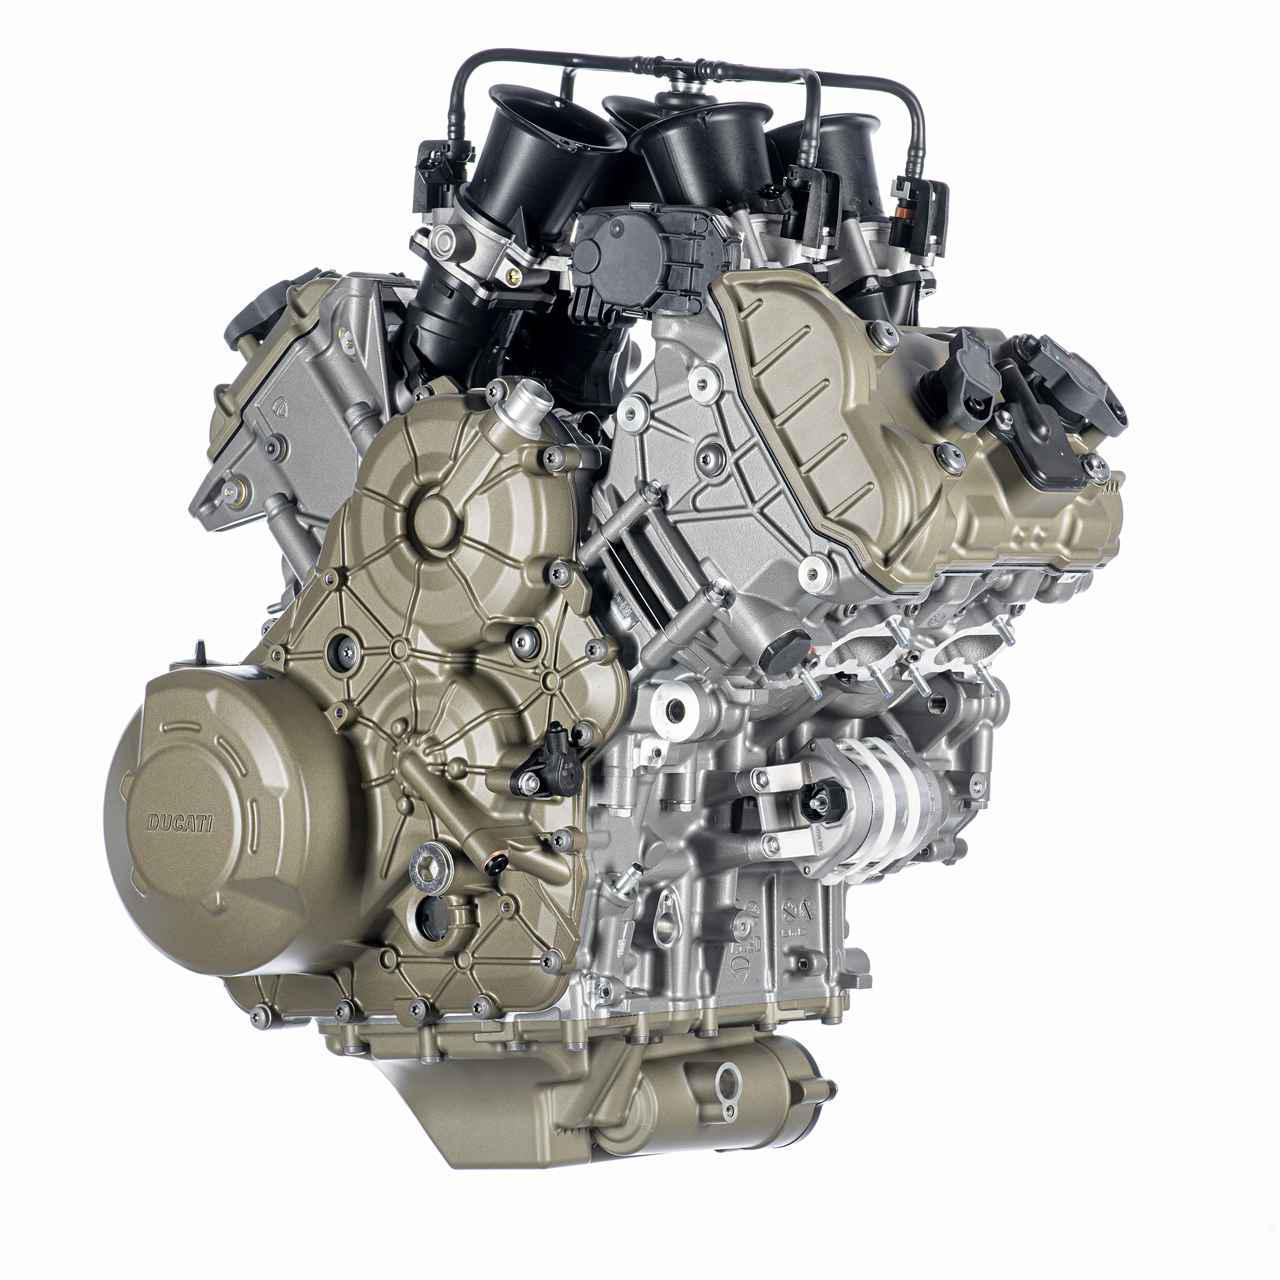 画像: 【2021速報】ドゥカティが新型車「ムルティストラーダV4」をチラ見せ! 完全新設計のV型4気筒エンジンの詳細を発表 - webオートバイ